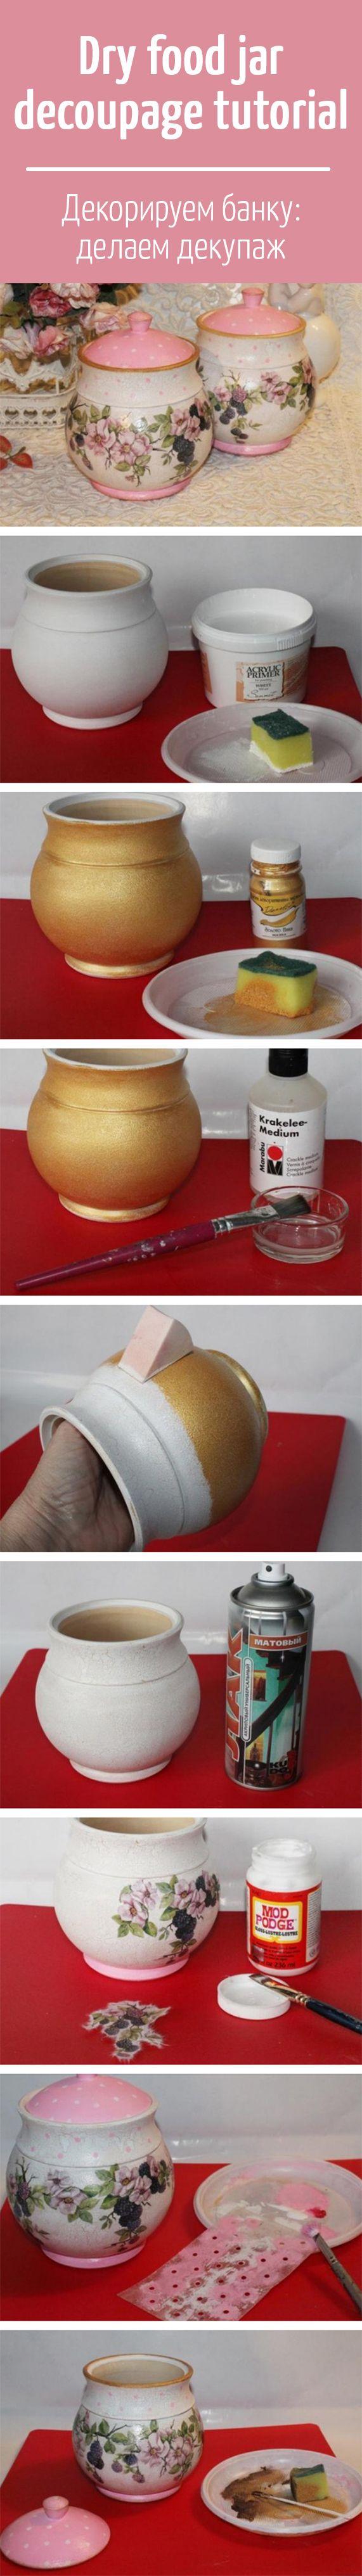 Dry food jar decoupage tutorial / Делаем декупаж банки для сыпучих продуктов рисовой картой — используем одношаговый кракелюр